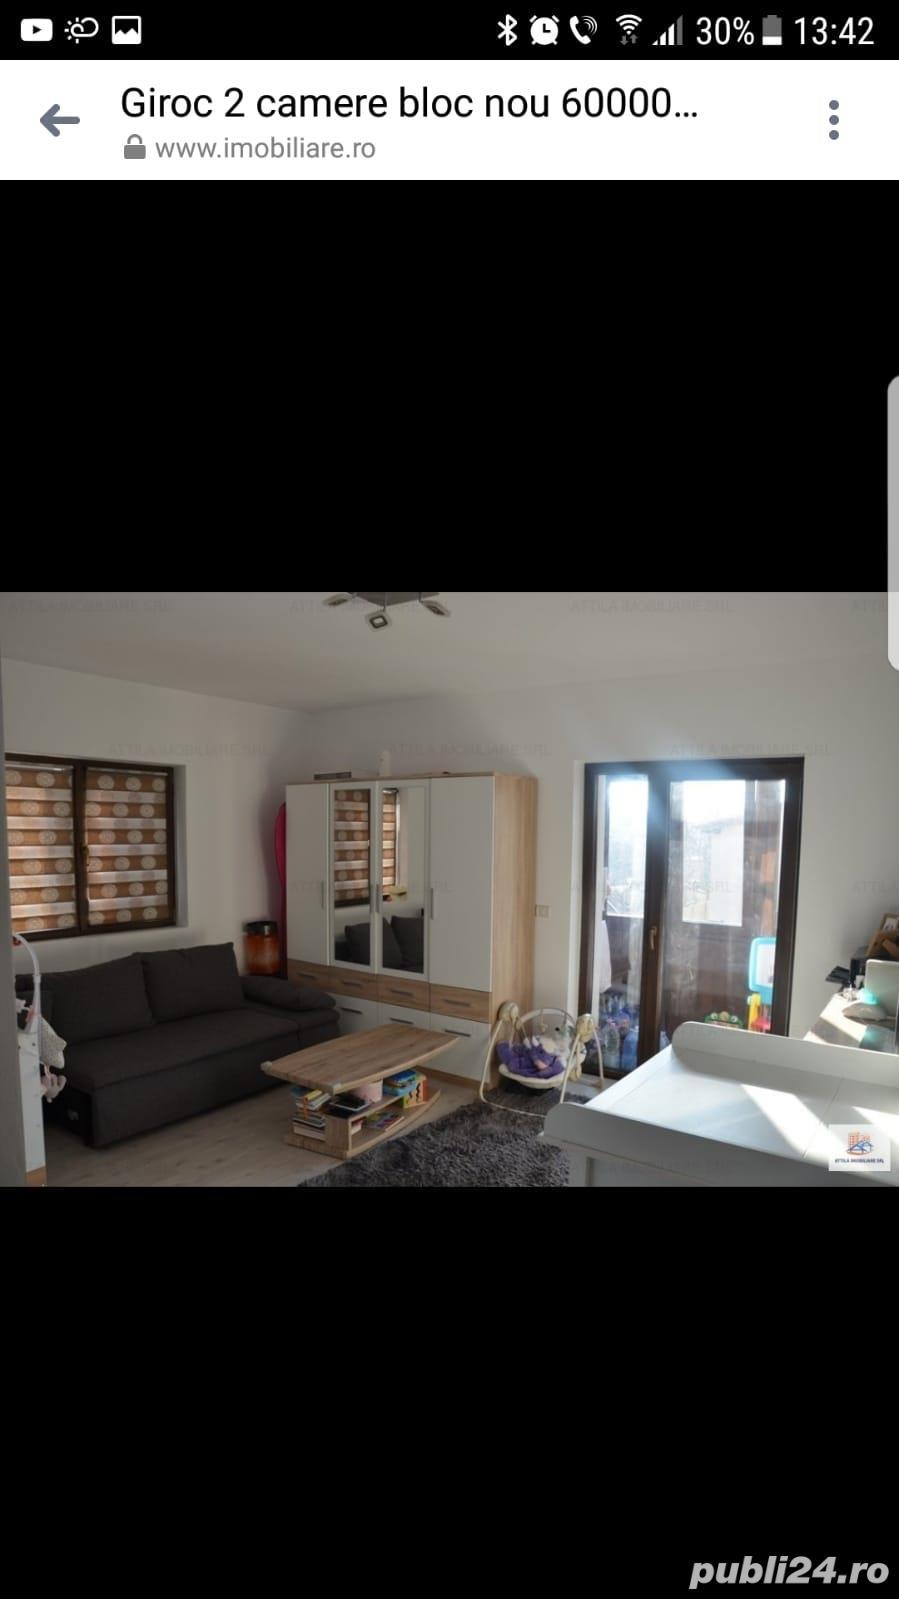 Proprietar vand apartament cu 2 camere in Giroc - nu se accepta credit